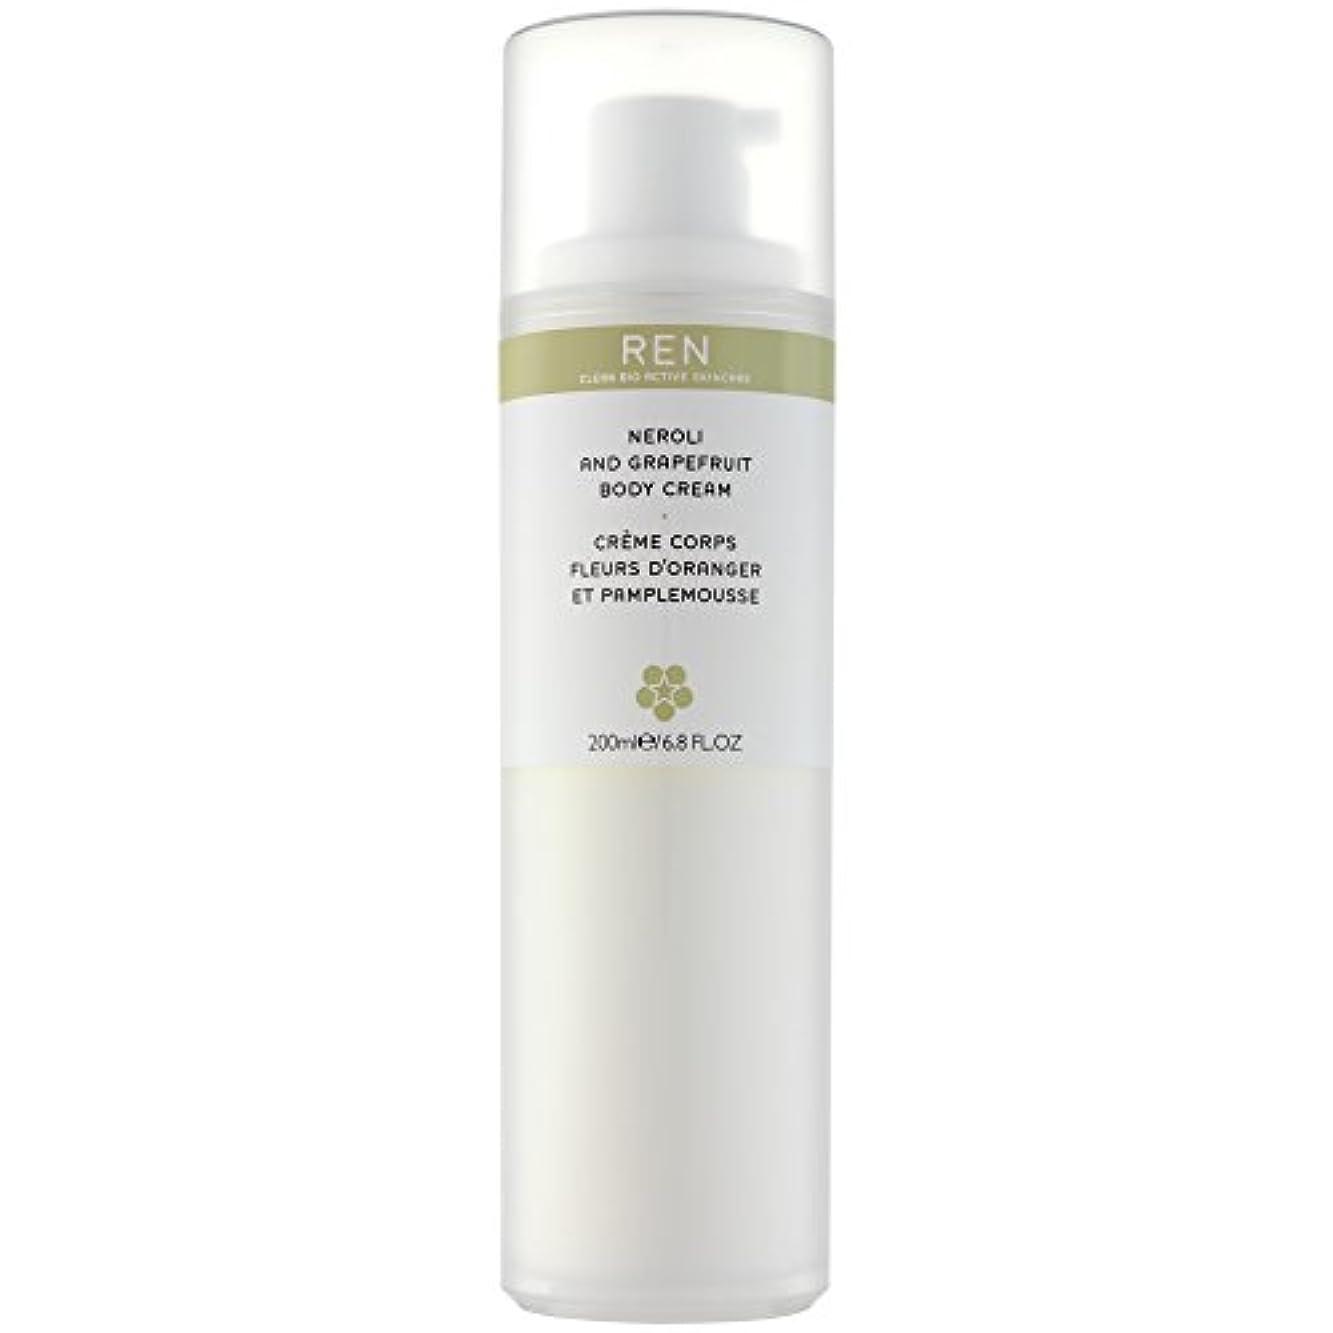 ヘルシーぼかし不調和Renネロリとグレープフルーツボディクリーム200ミリリットル (REN) (x2) - REN Neroli and Grapefruit Body Cream 200ml (Pack of 2) [並行輸入品]